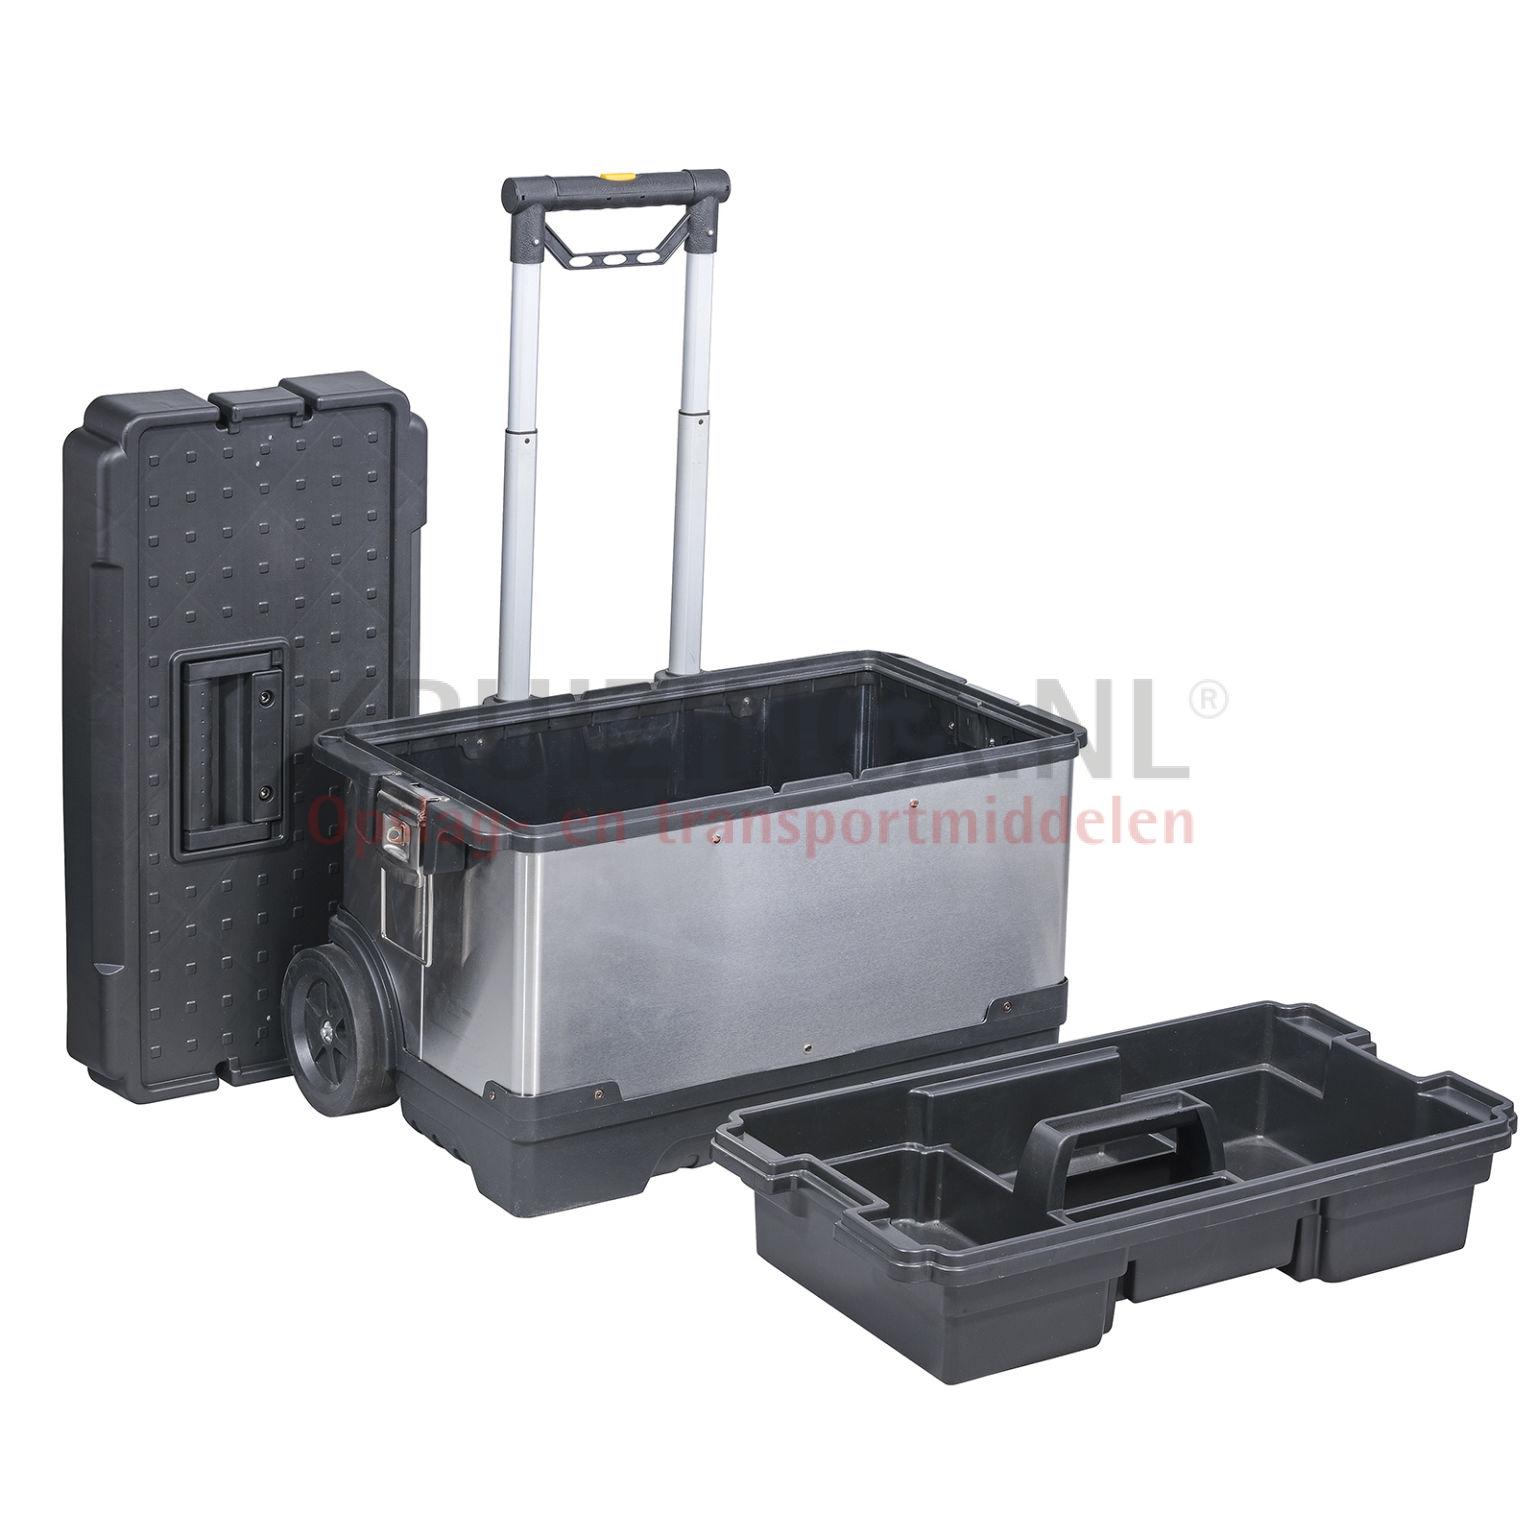 transportkoffer werkzeug box mit doppelte schnellverschlu ab 77 frei haus. Black Bedroom Furniture Sets. Home Design Ideas